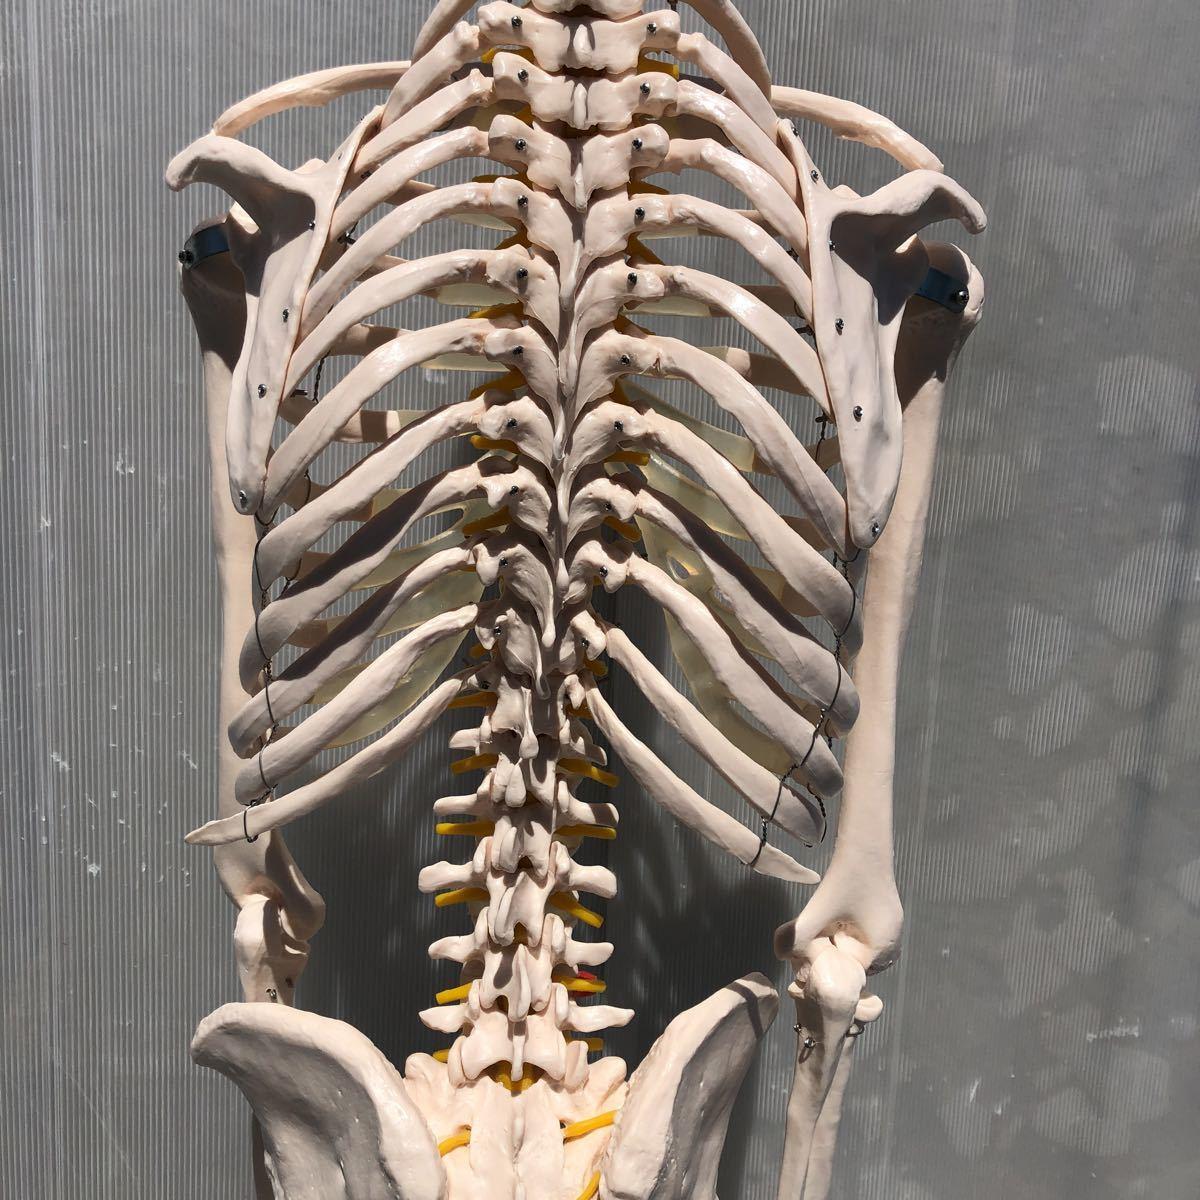 【美品】人体模型 骨格模型 骨格標本 等身大 ヒューマンスカル ガイコツ スカル 約165cm 医学 実験 骸骨 ジャンク 直接取引可能(矢199)_画像8